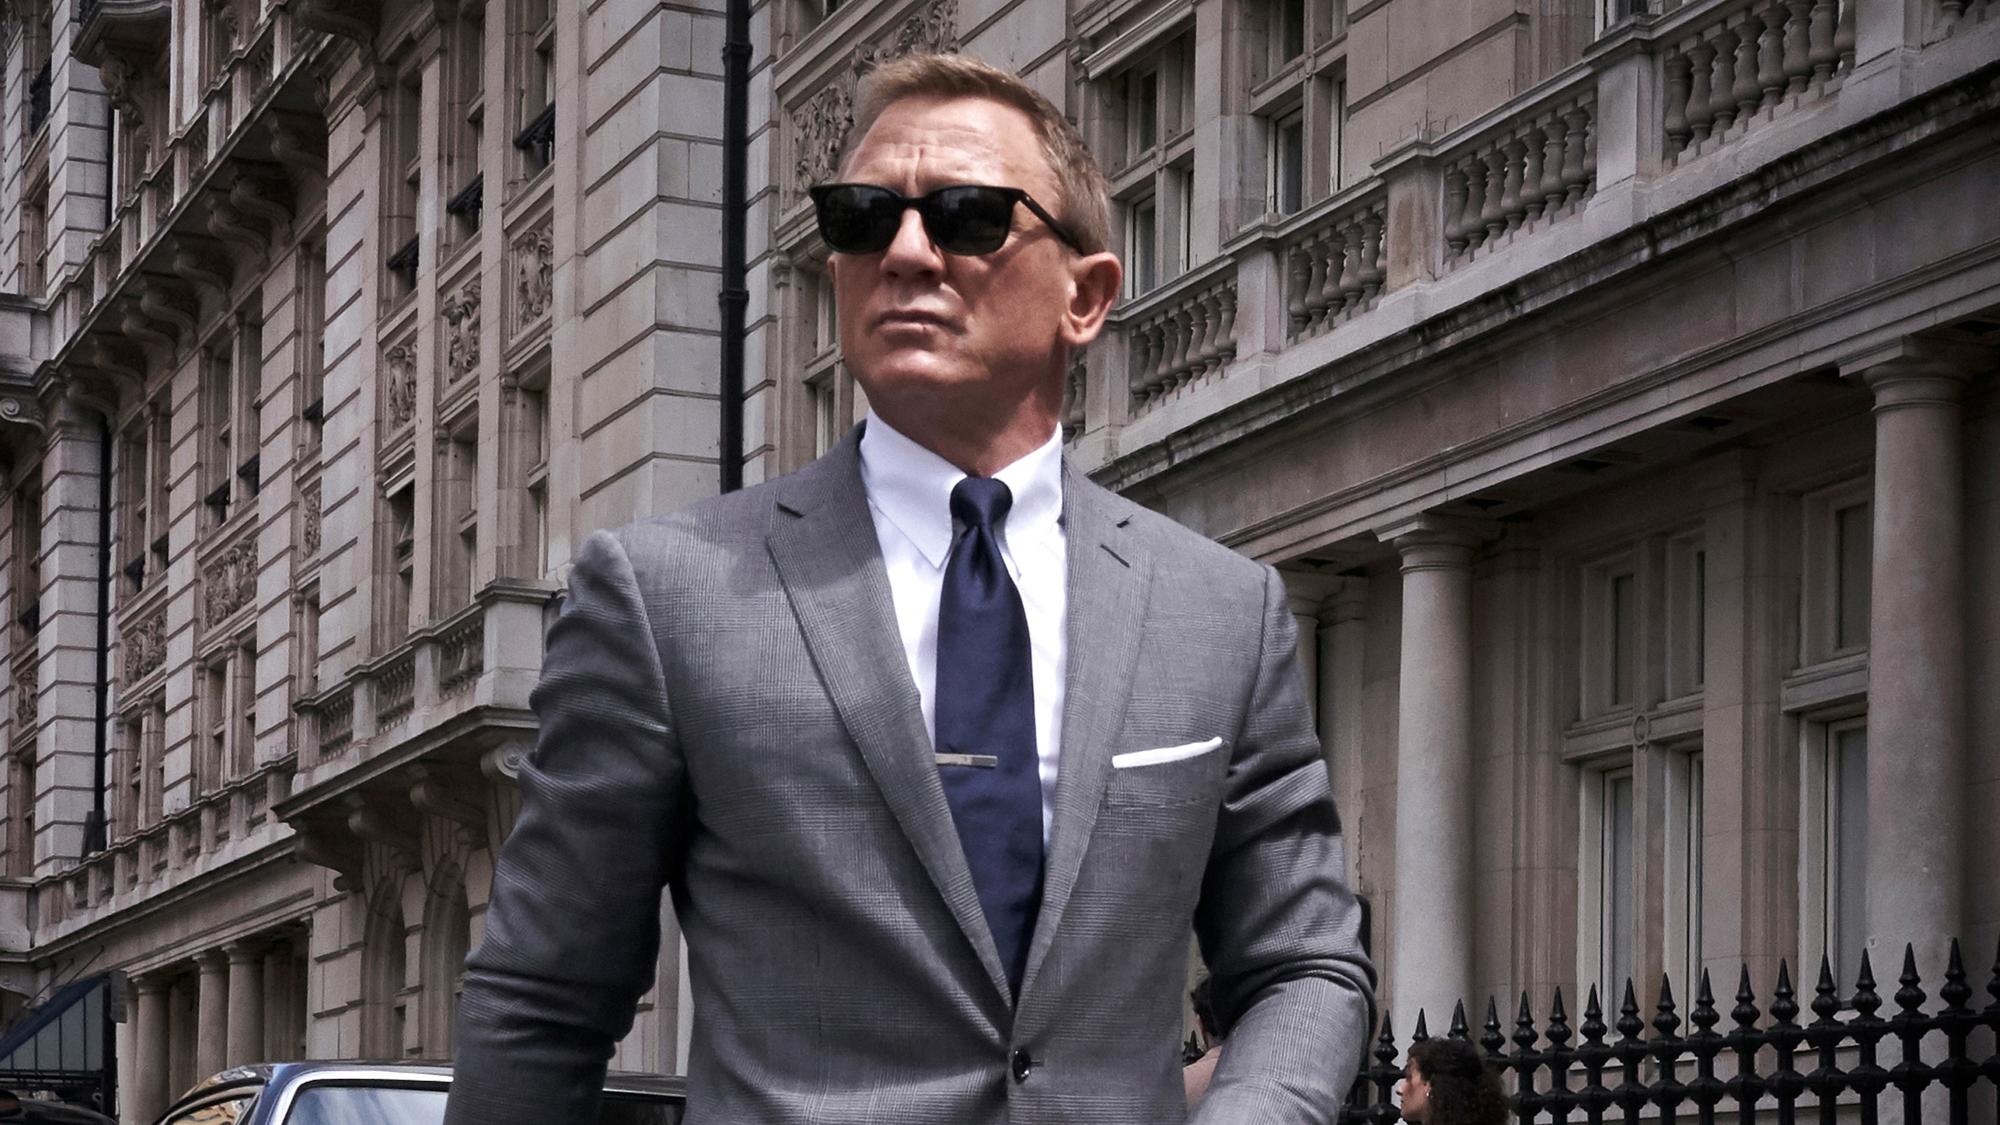 Daniel Craig in the upcoming Bond movie.